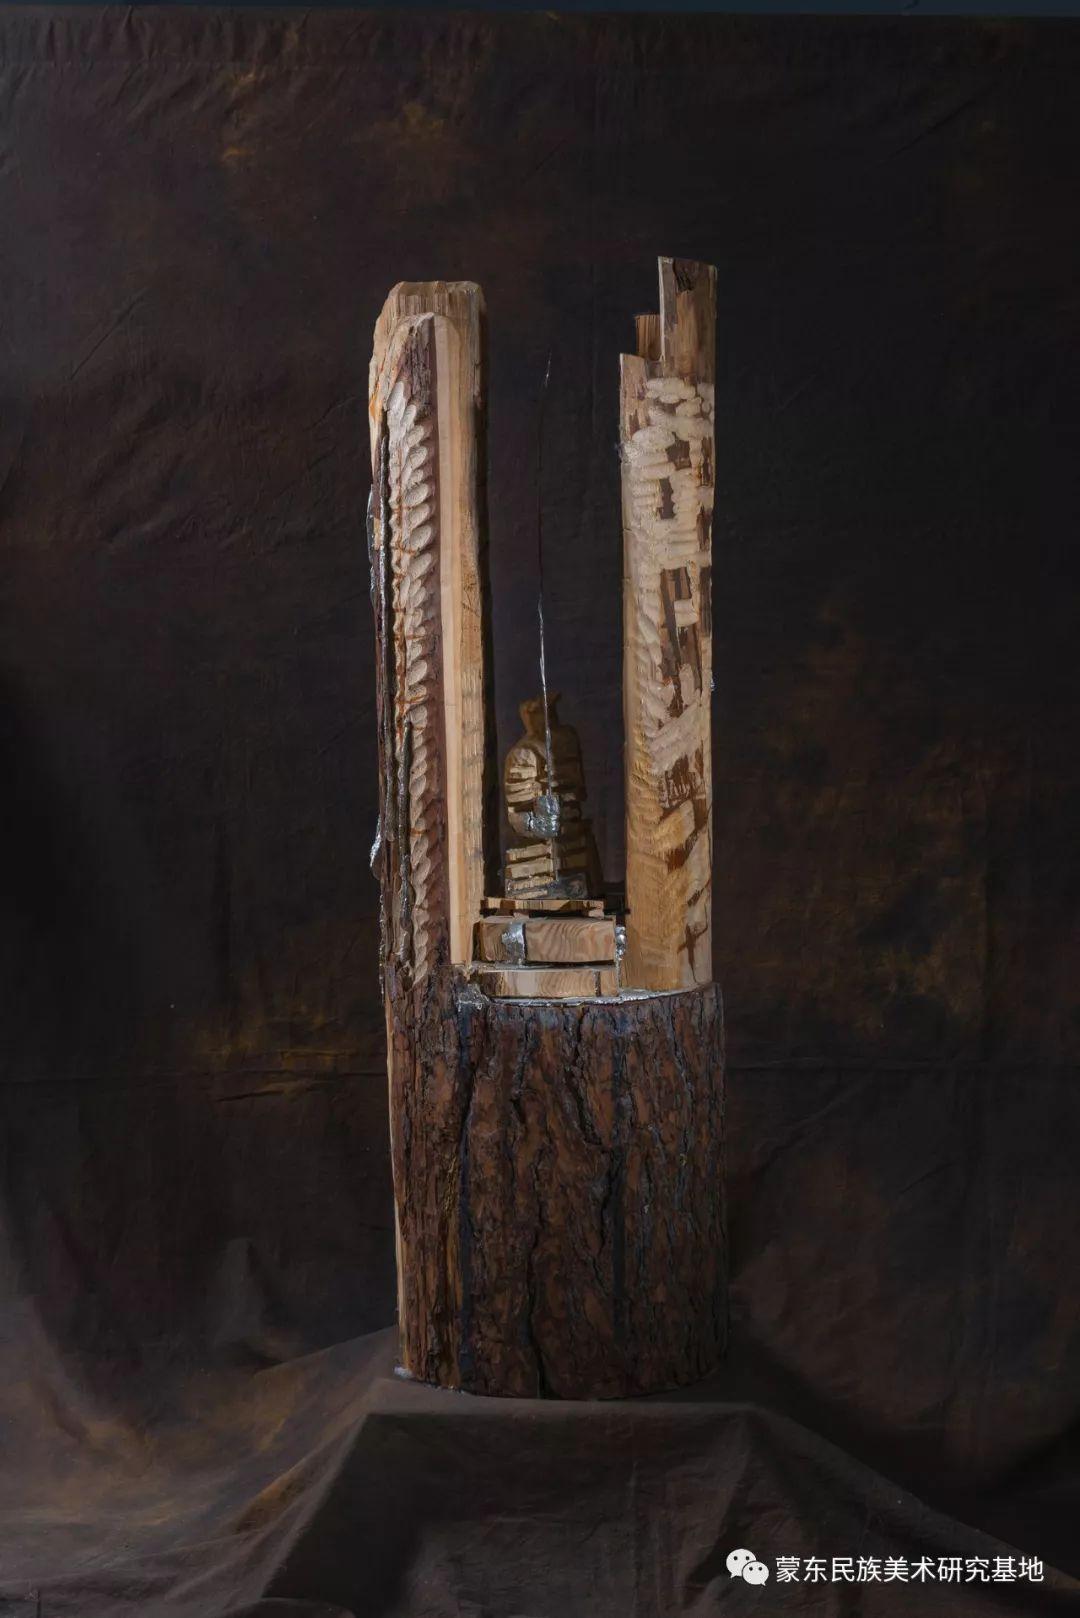 包格日乐吐作品——雕塑系列作品(三) 第3张 包格日乐吐作品——雕塑系列作品(三) 蒙古画廊